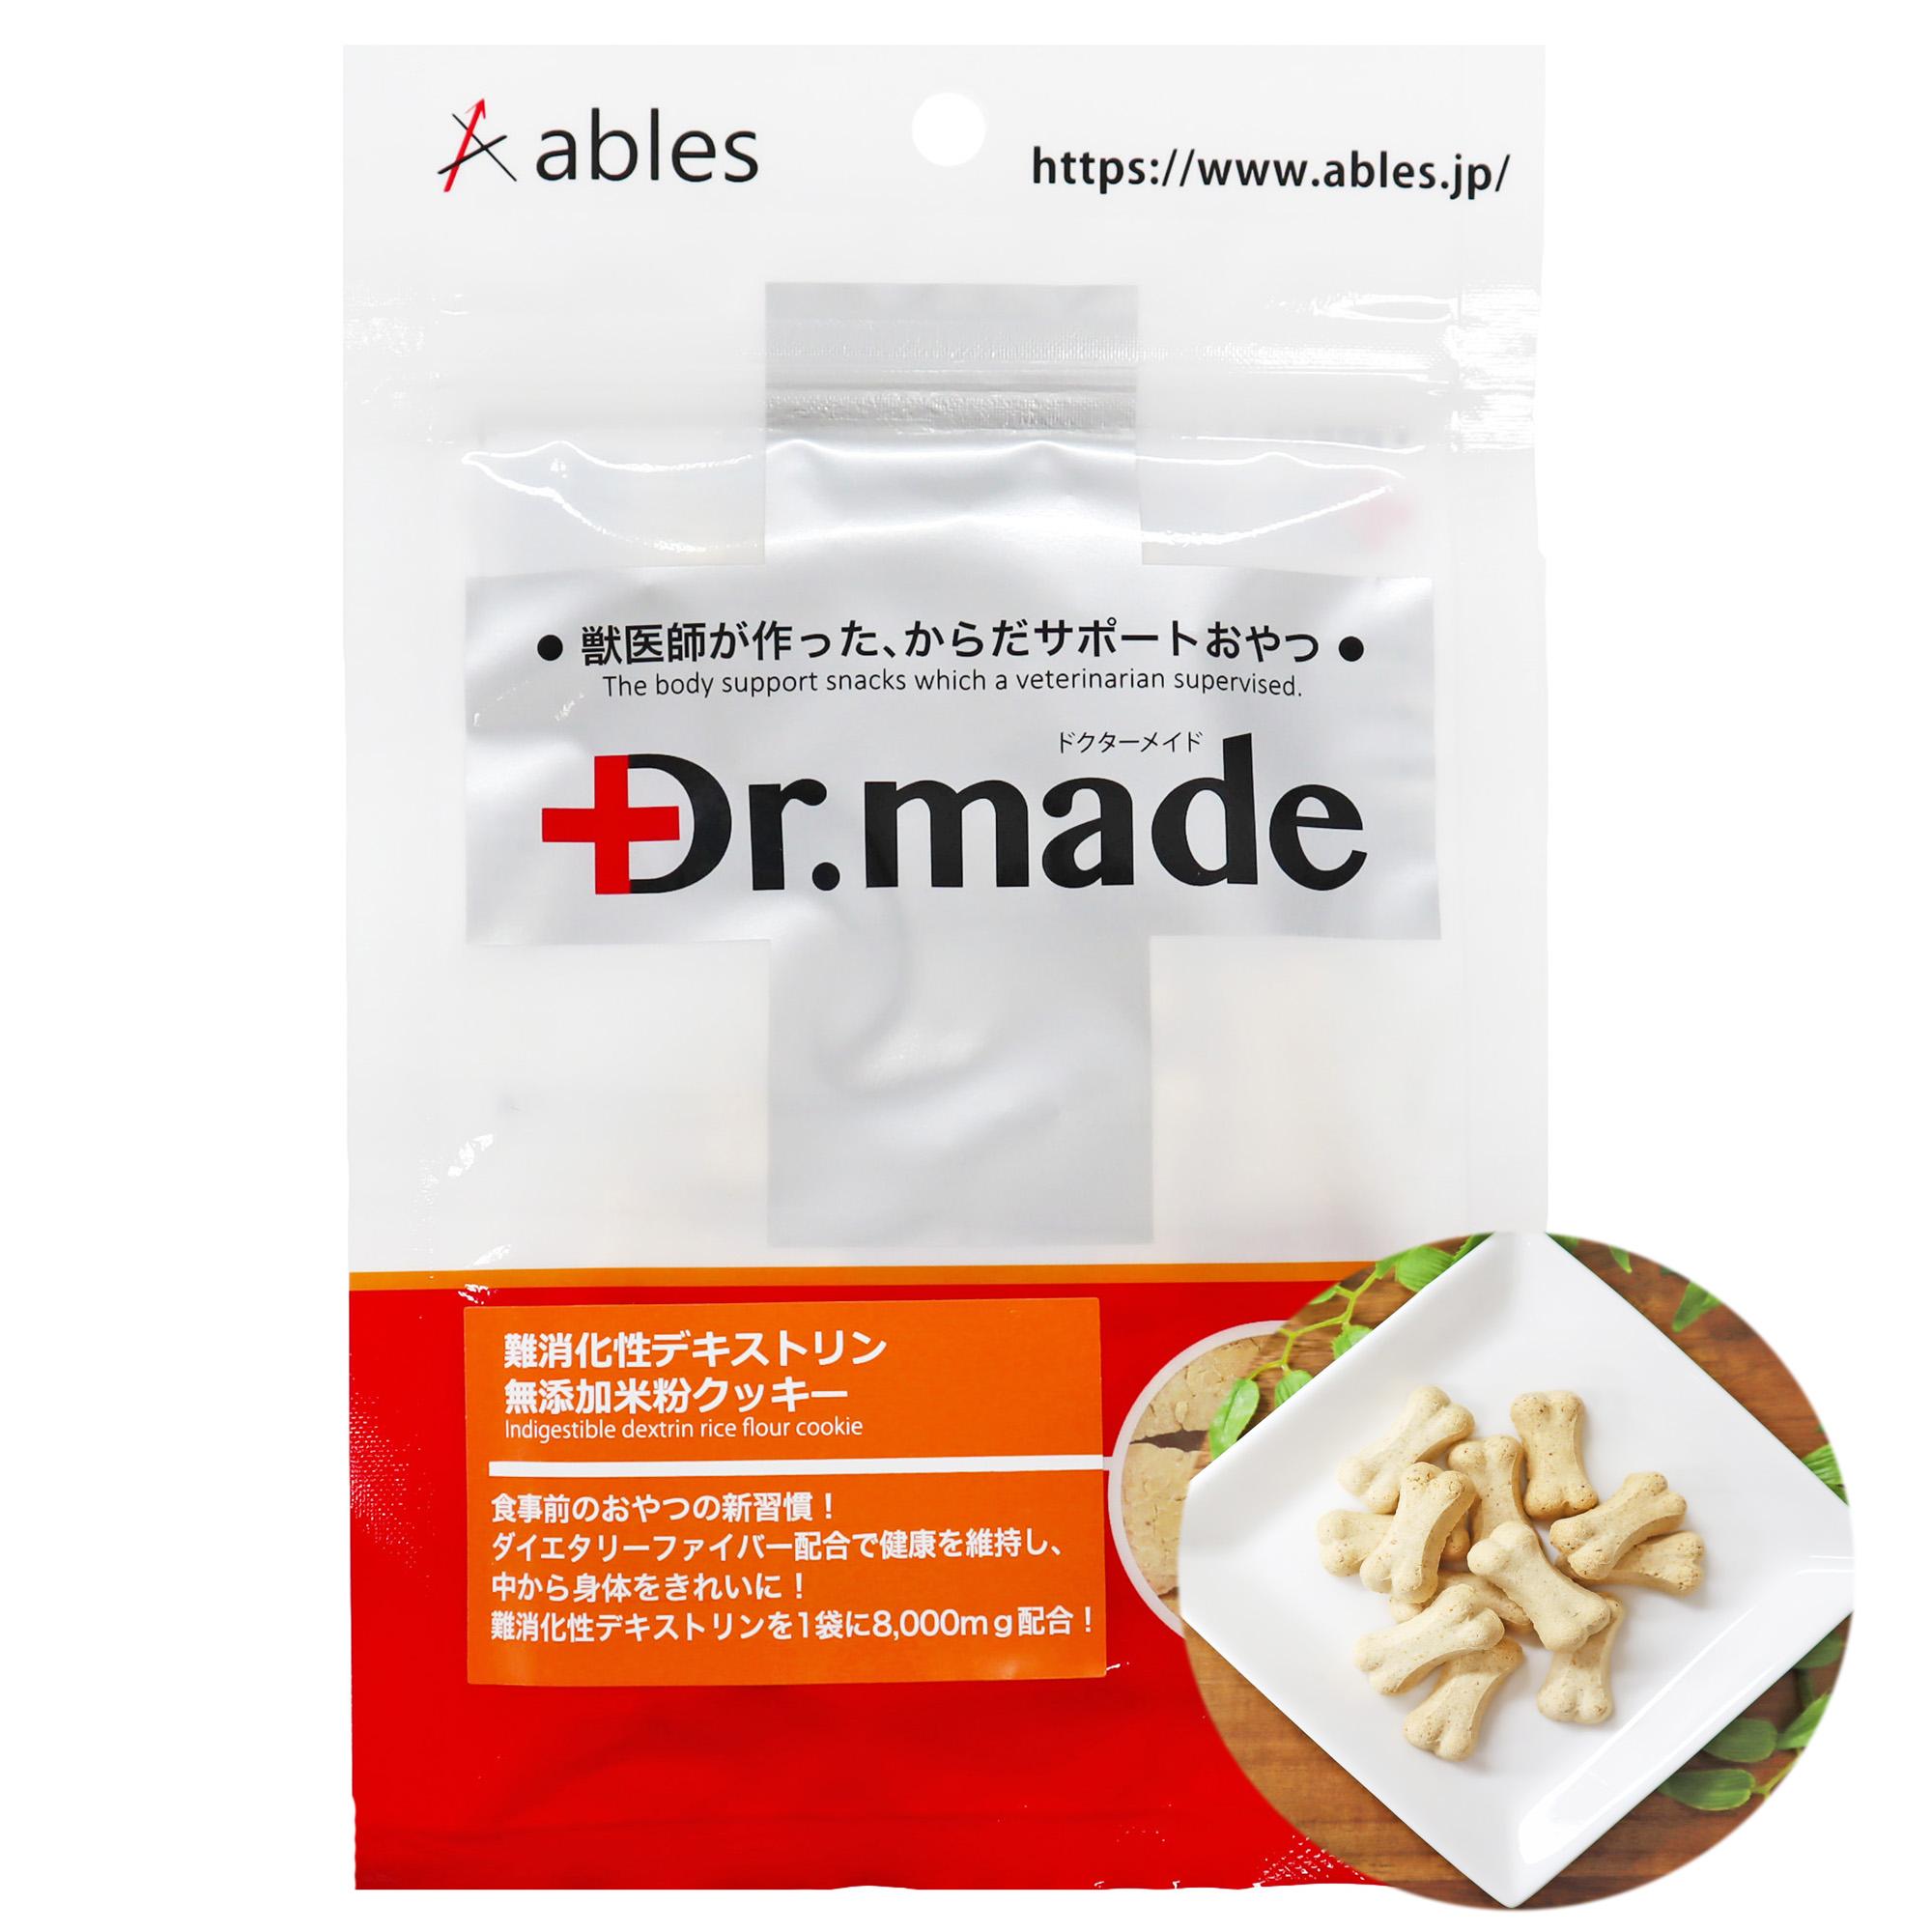 Dr.made 難消化性デキストリン 無添加米粉クッキー 40g